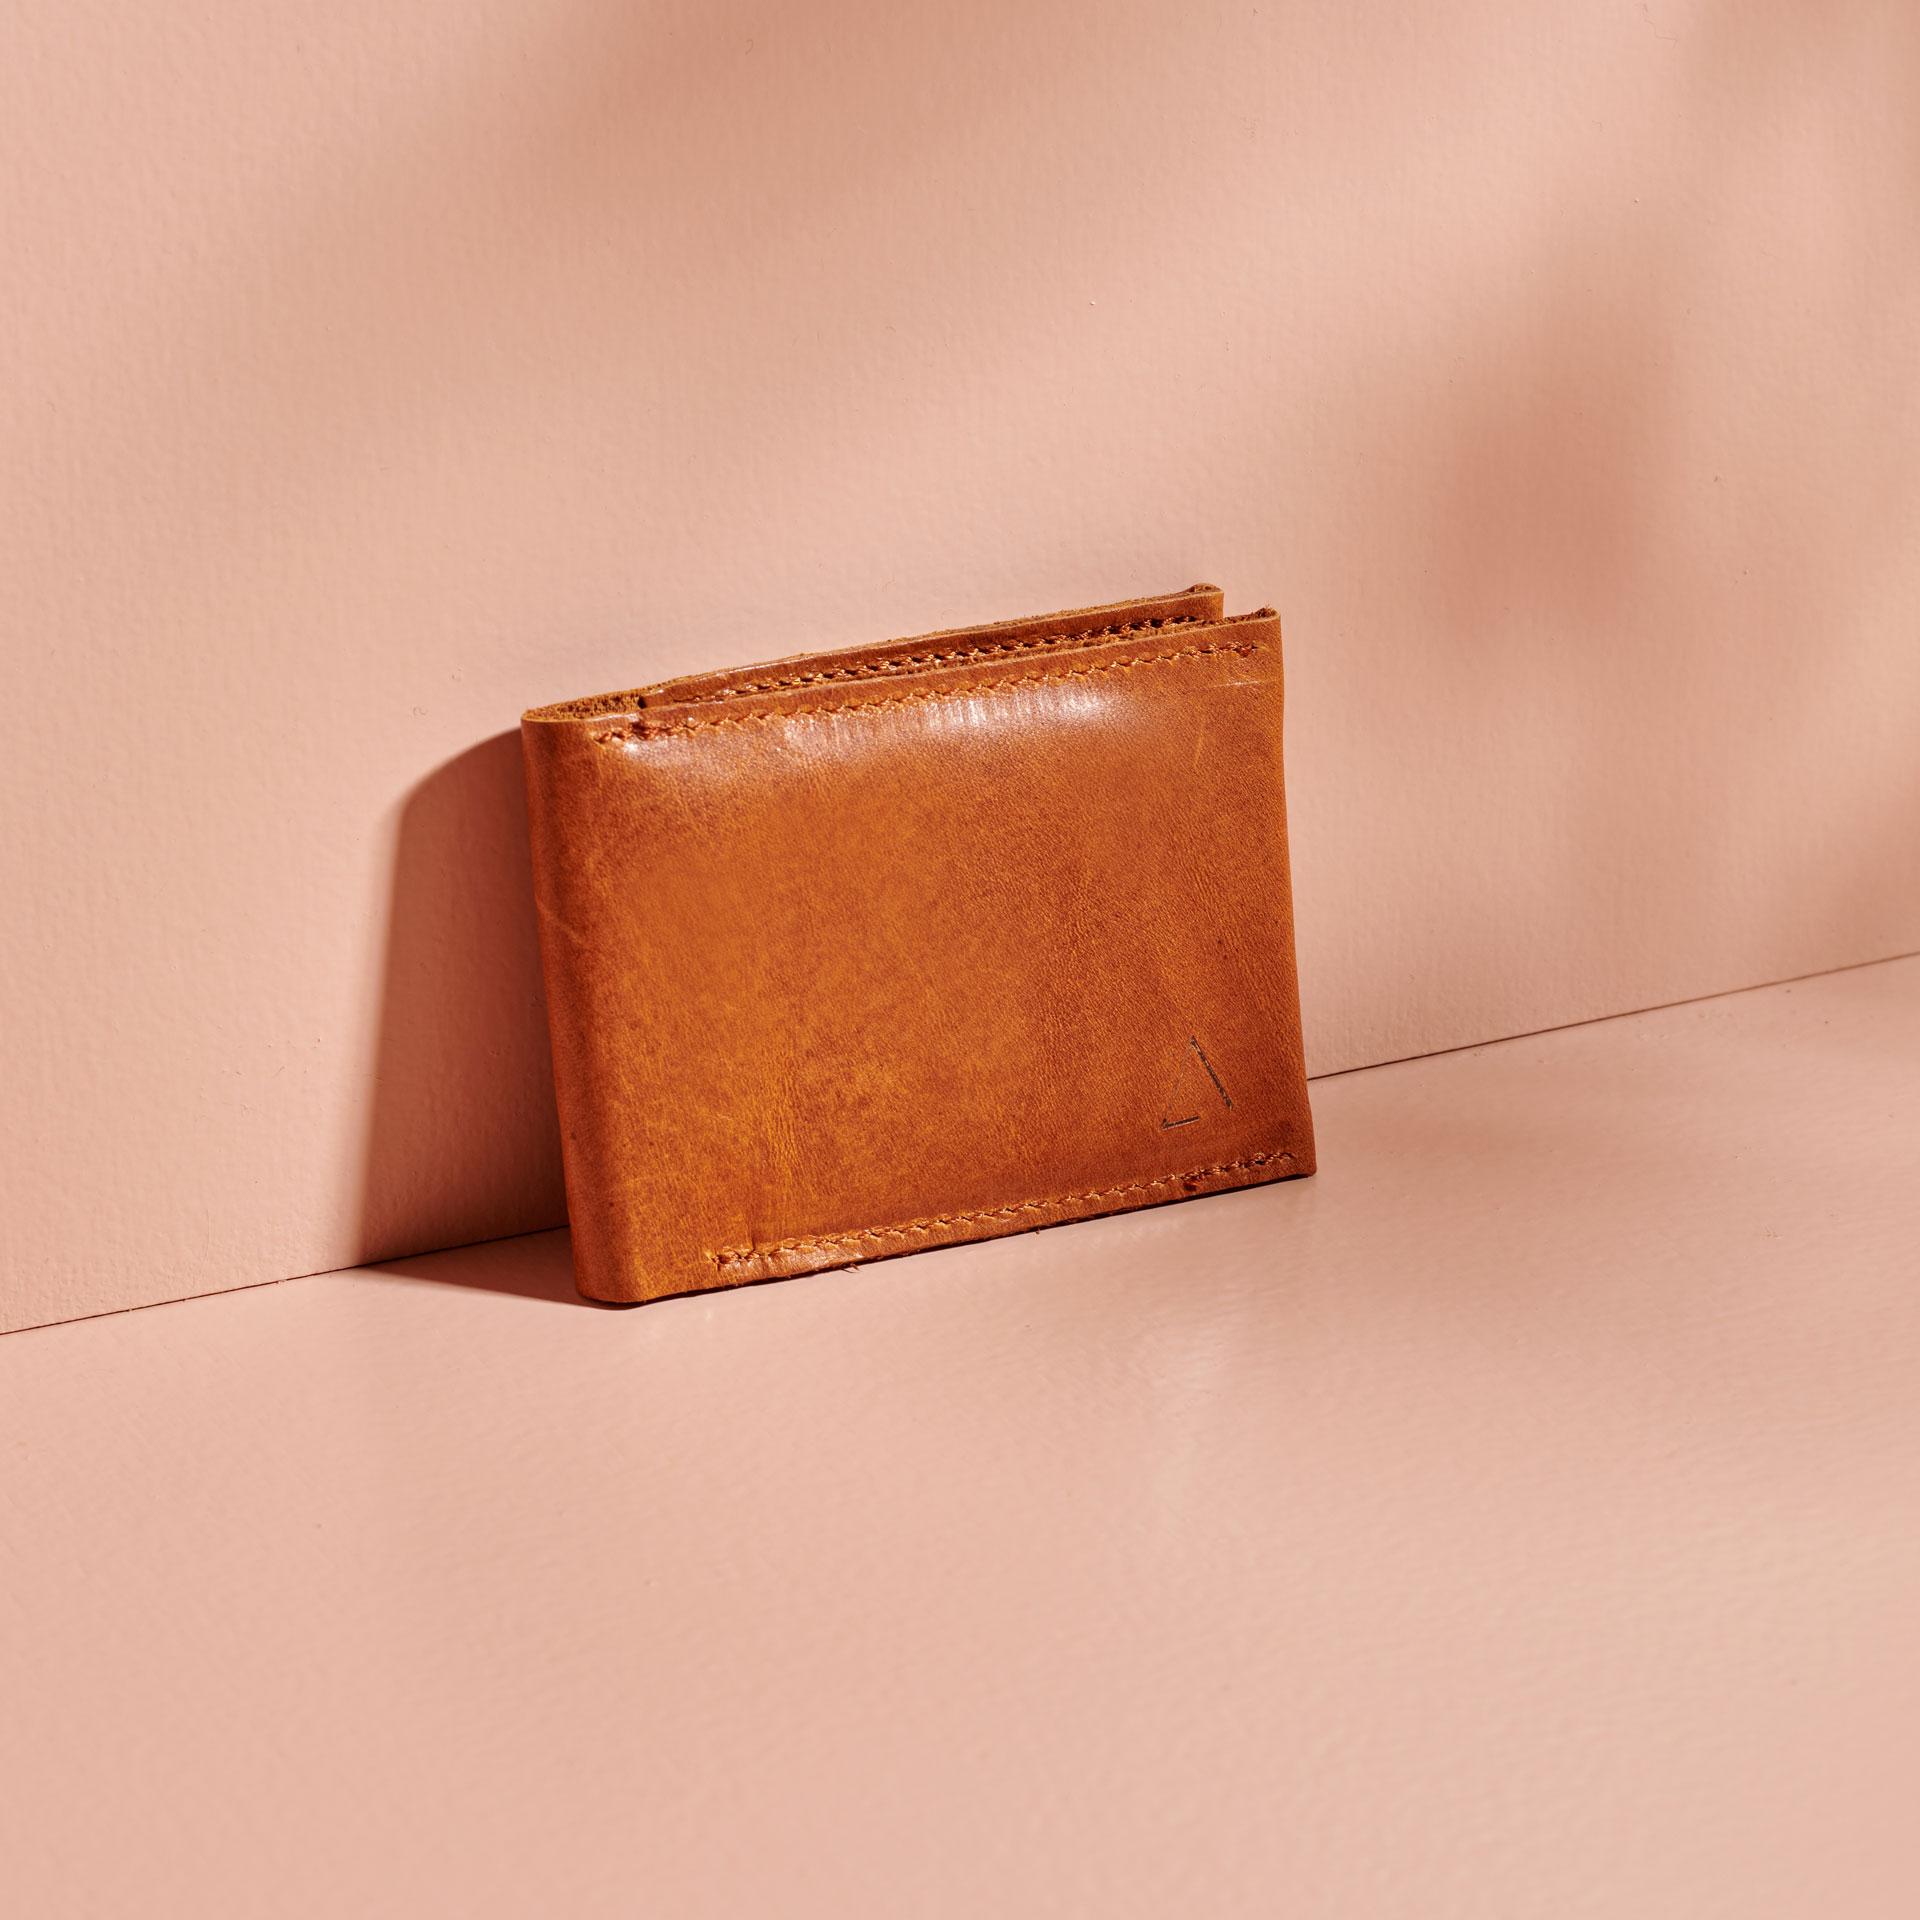 Portemonnaie OLI SMALL cognac geölt aus nachhaltigem Naturleder